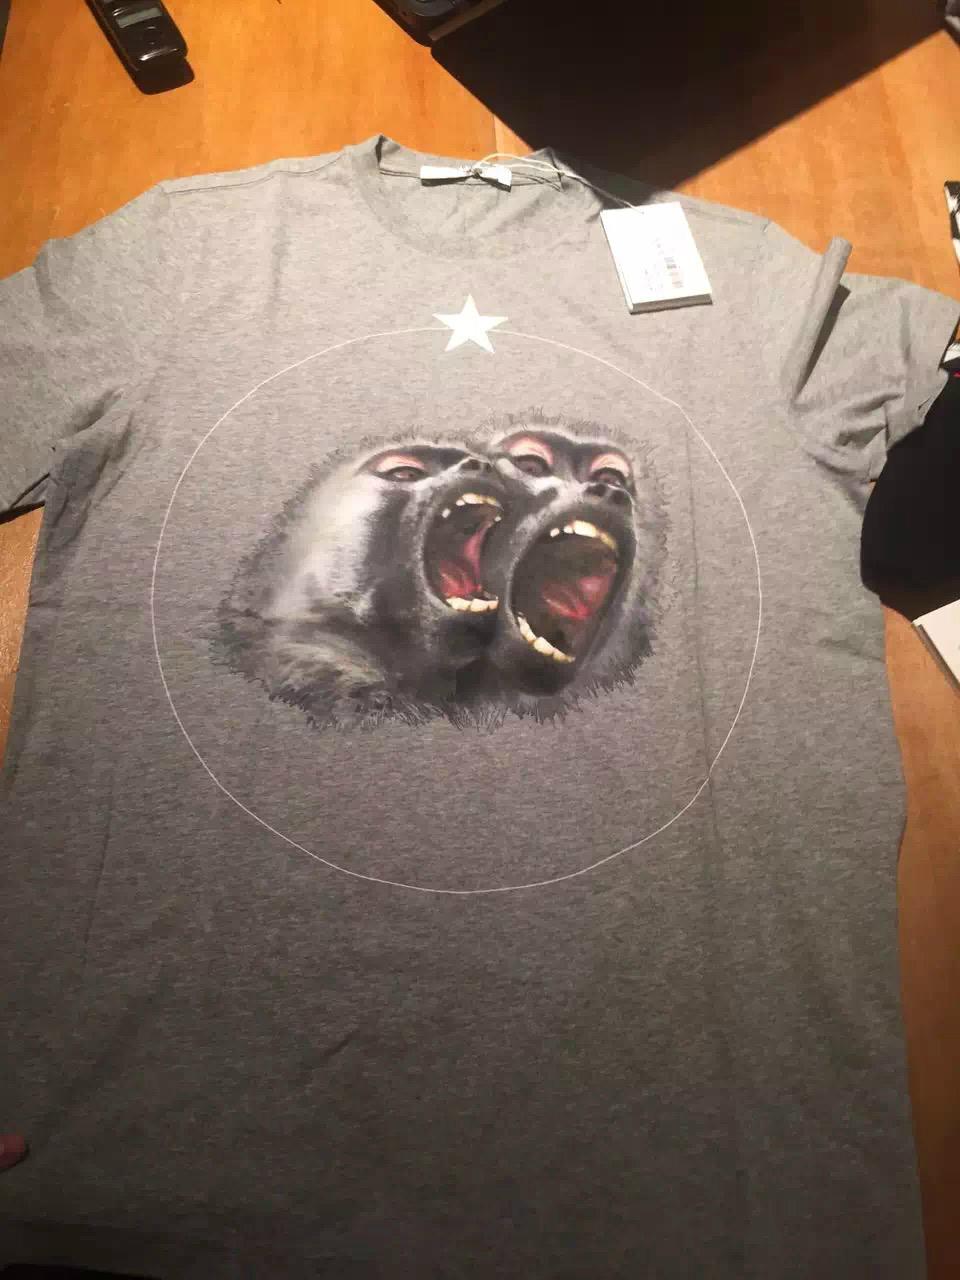 16春夏新款 Givenchy/纪梵希 男款双猴头灰色圆领短袖T恤